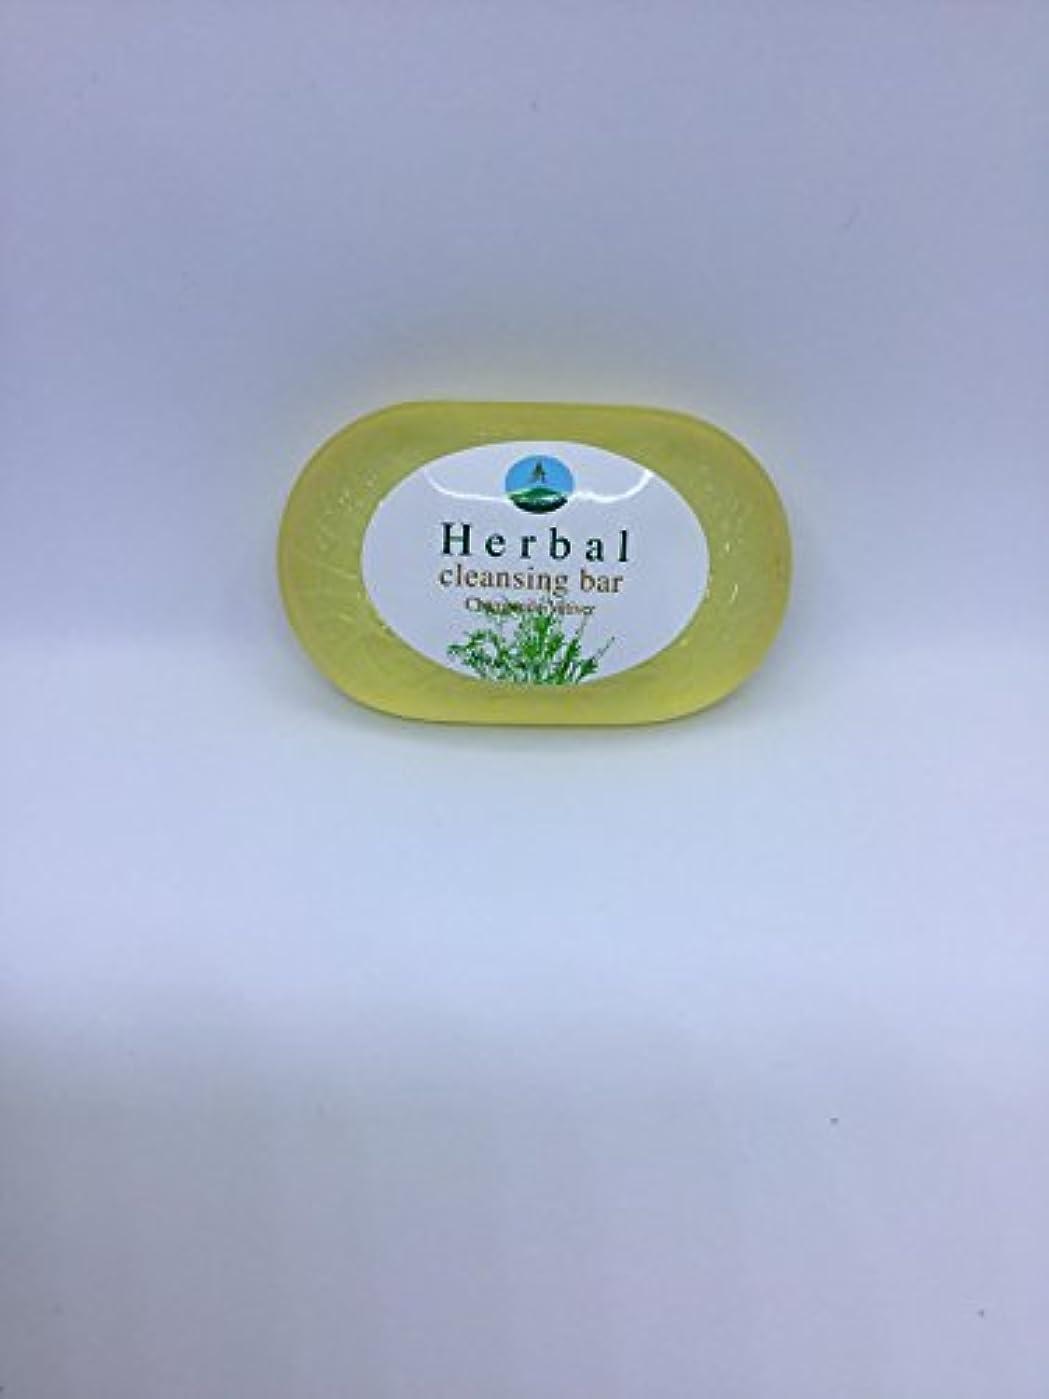 はっきりと特徴選挙Herbal cleansing Bar Chamomile-Vetiver